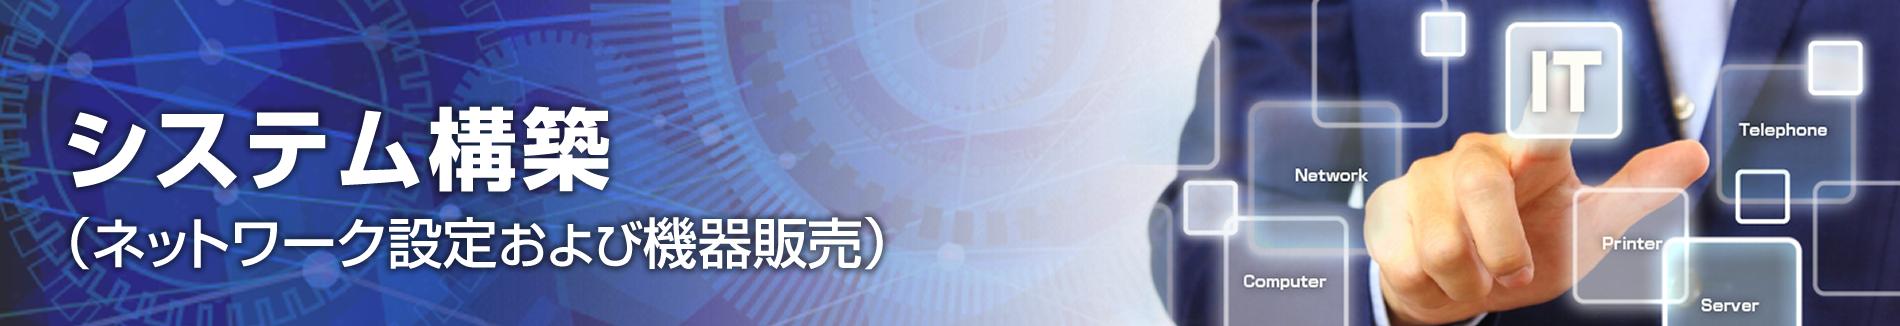 マックスのシステム構築(ネットワーク設定および機器販売)